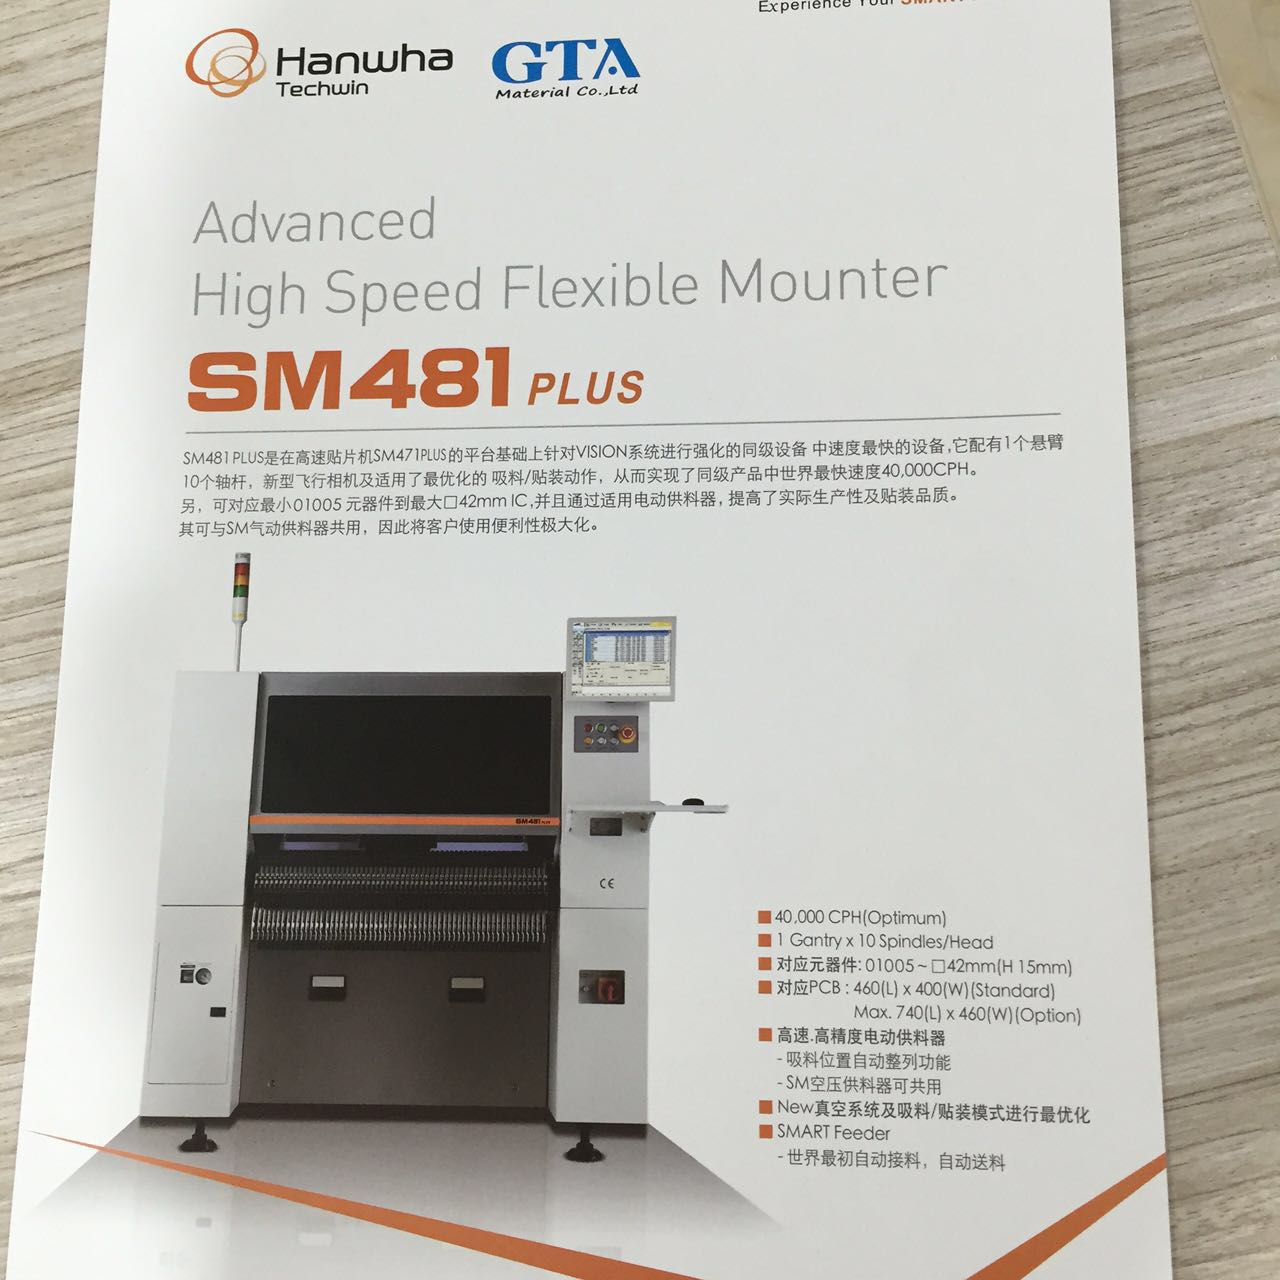 韩华三星贴片机SM481PLUS。